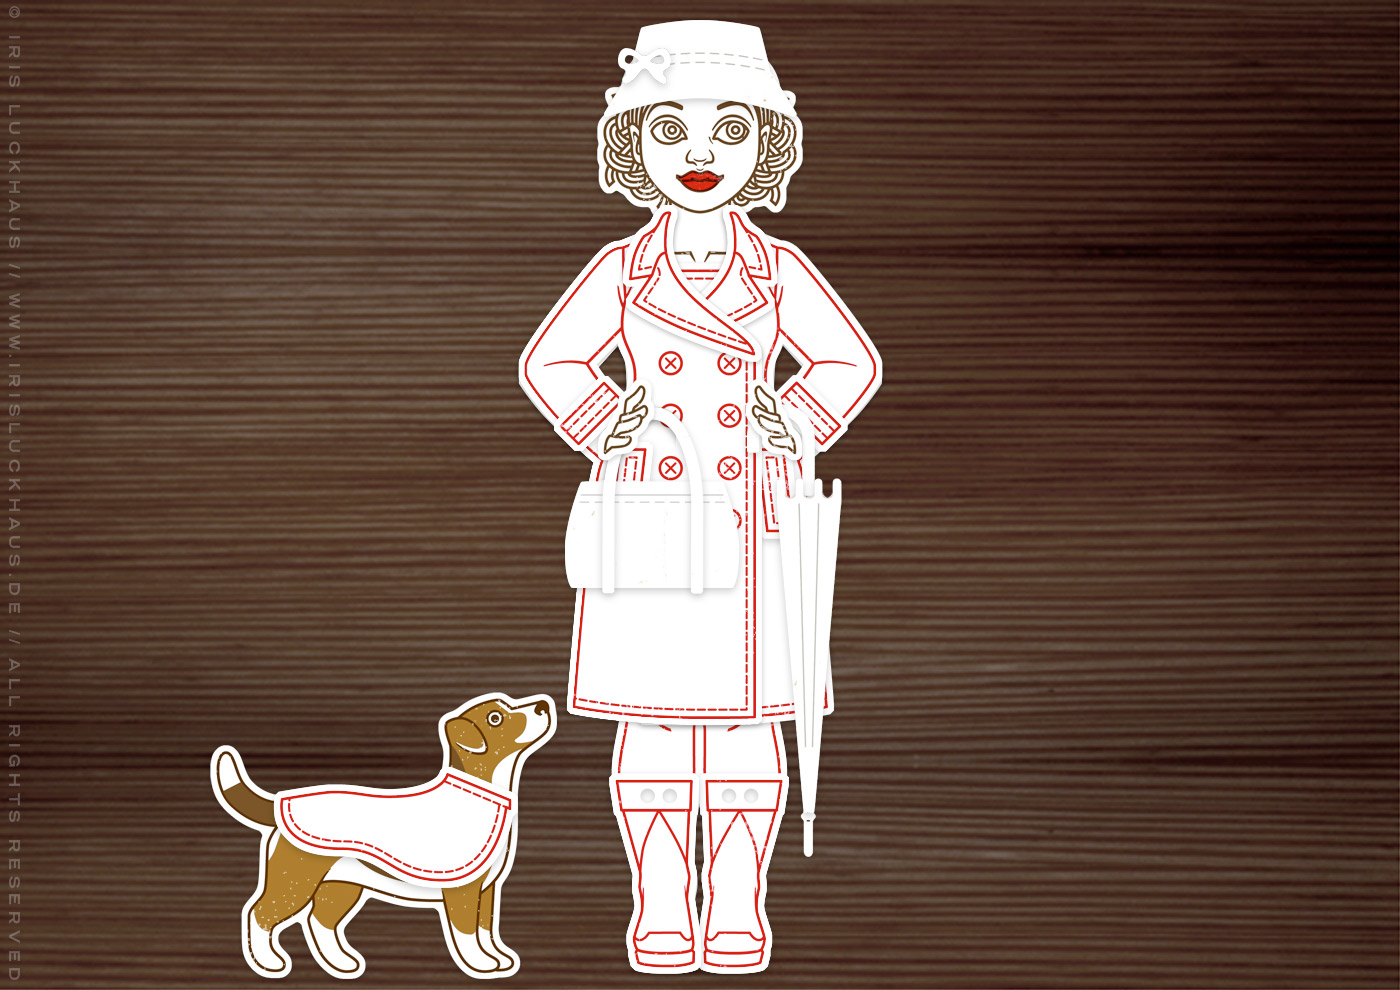 Herbst-Set aus Stempeln und Stanzen für die DIY-Ankleidepuppe Gerti von Charlie und Paulchen, mit Stempeln, Stanzen und Prägen für Papier und Stoff, zur Nutzung auf Postkarten und Grußkarten, mit Regenmantel, Regenhut, Schirm und Hund.